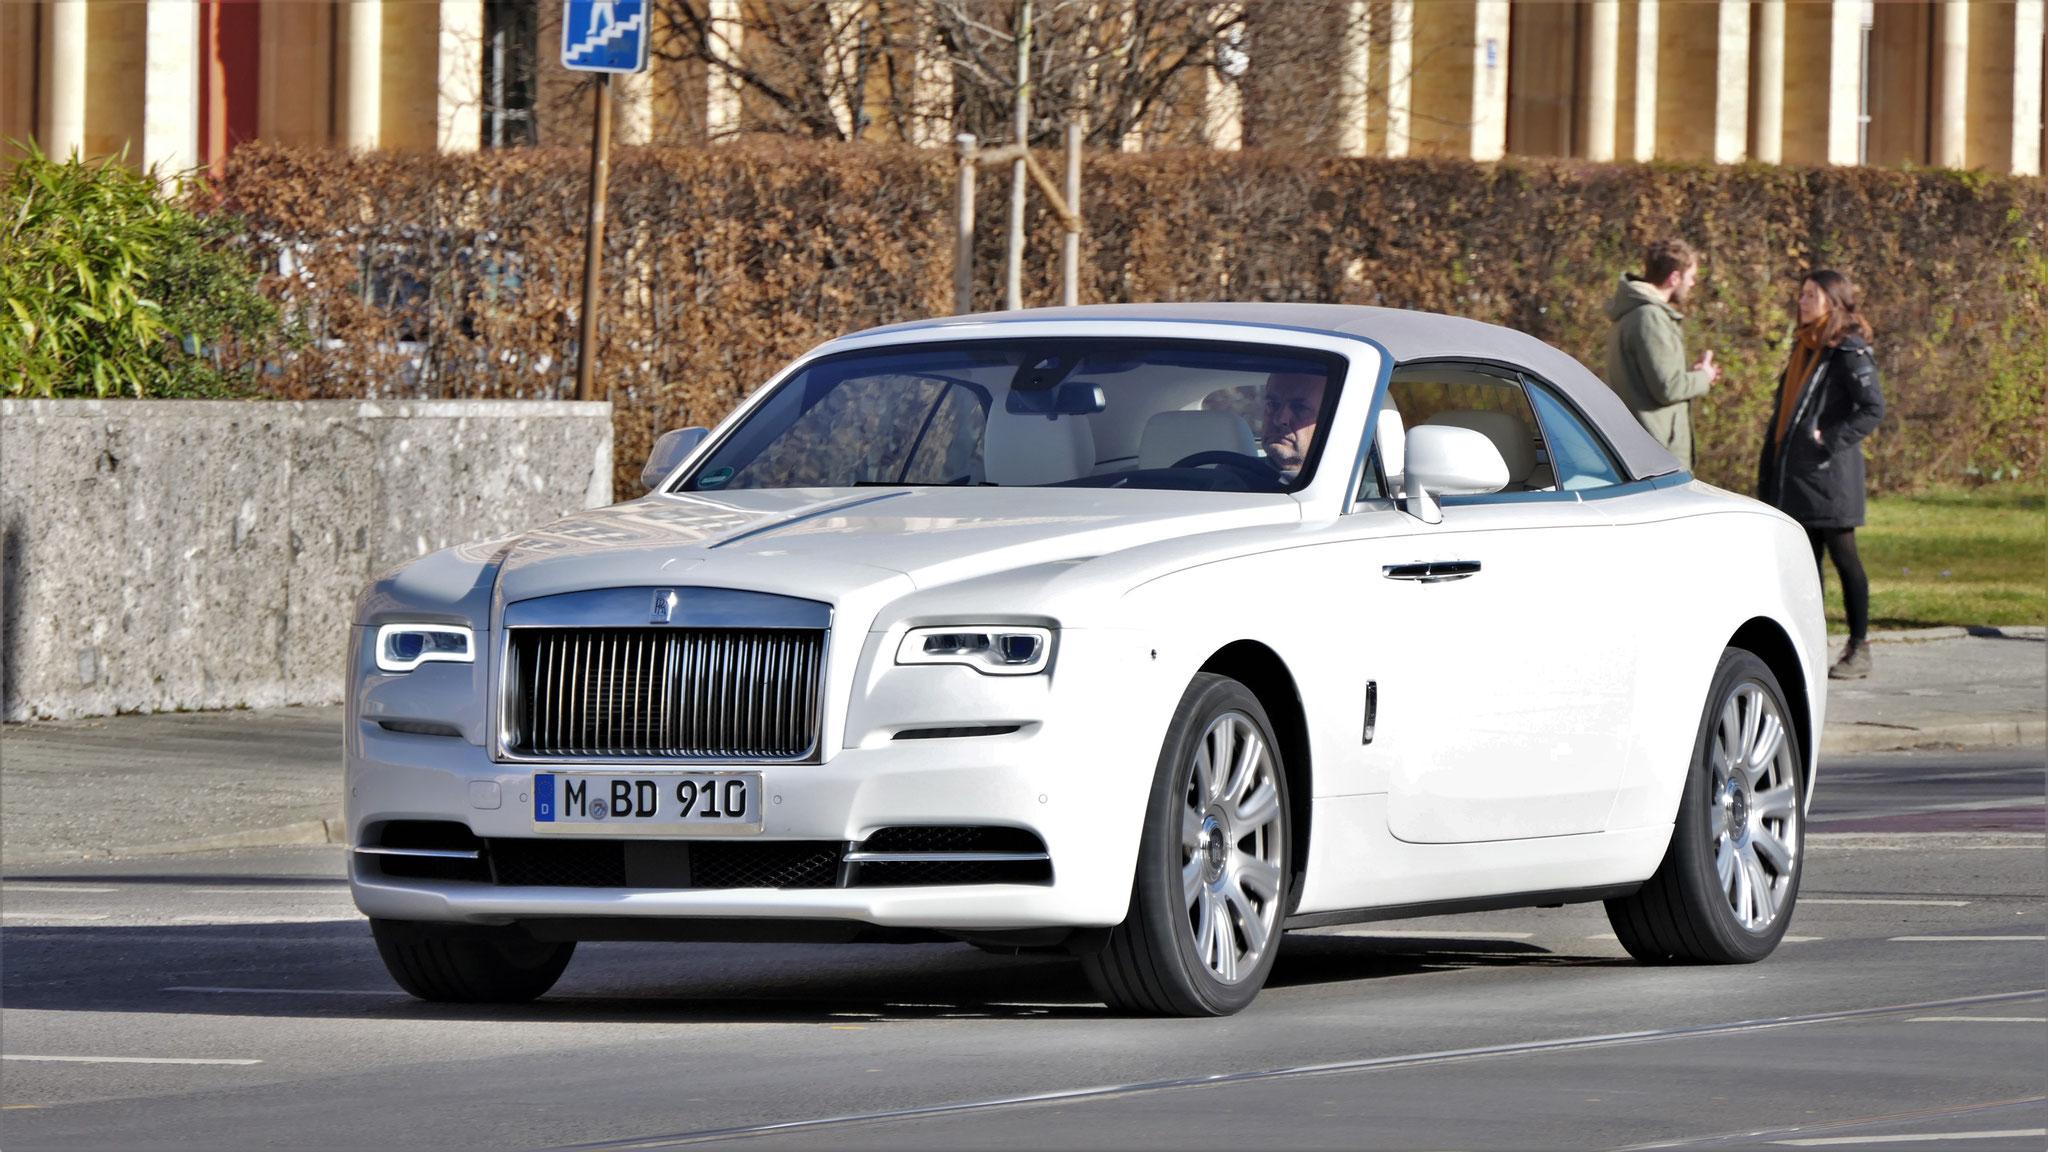 Rolls Royce Dawn - M-BD-910